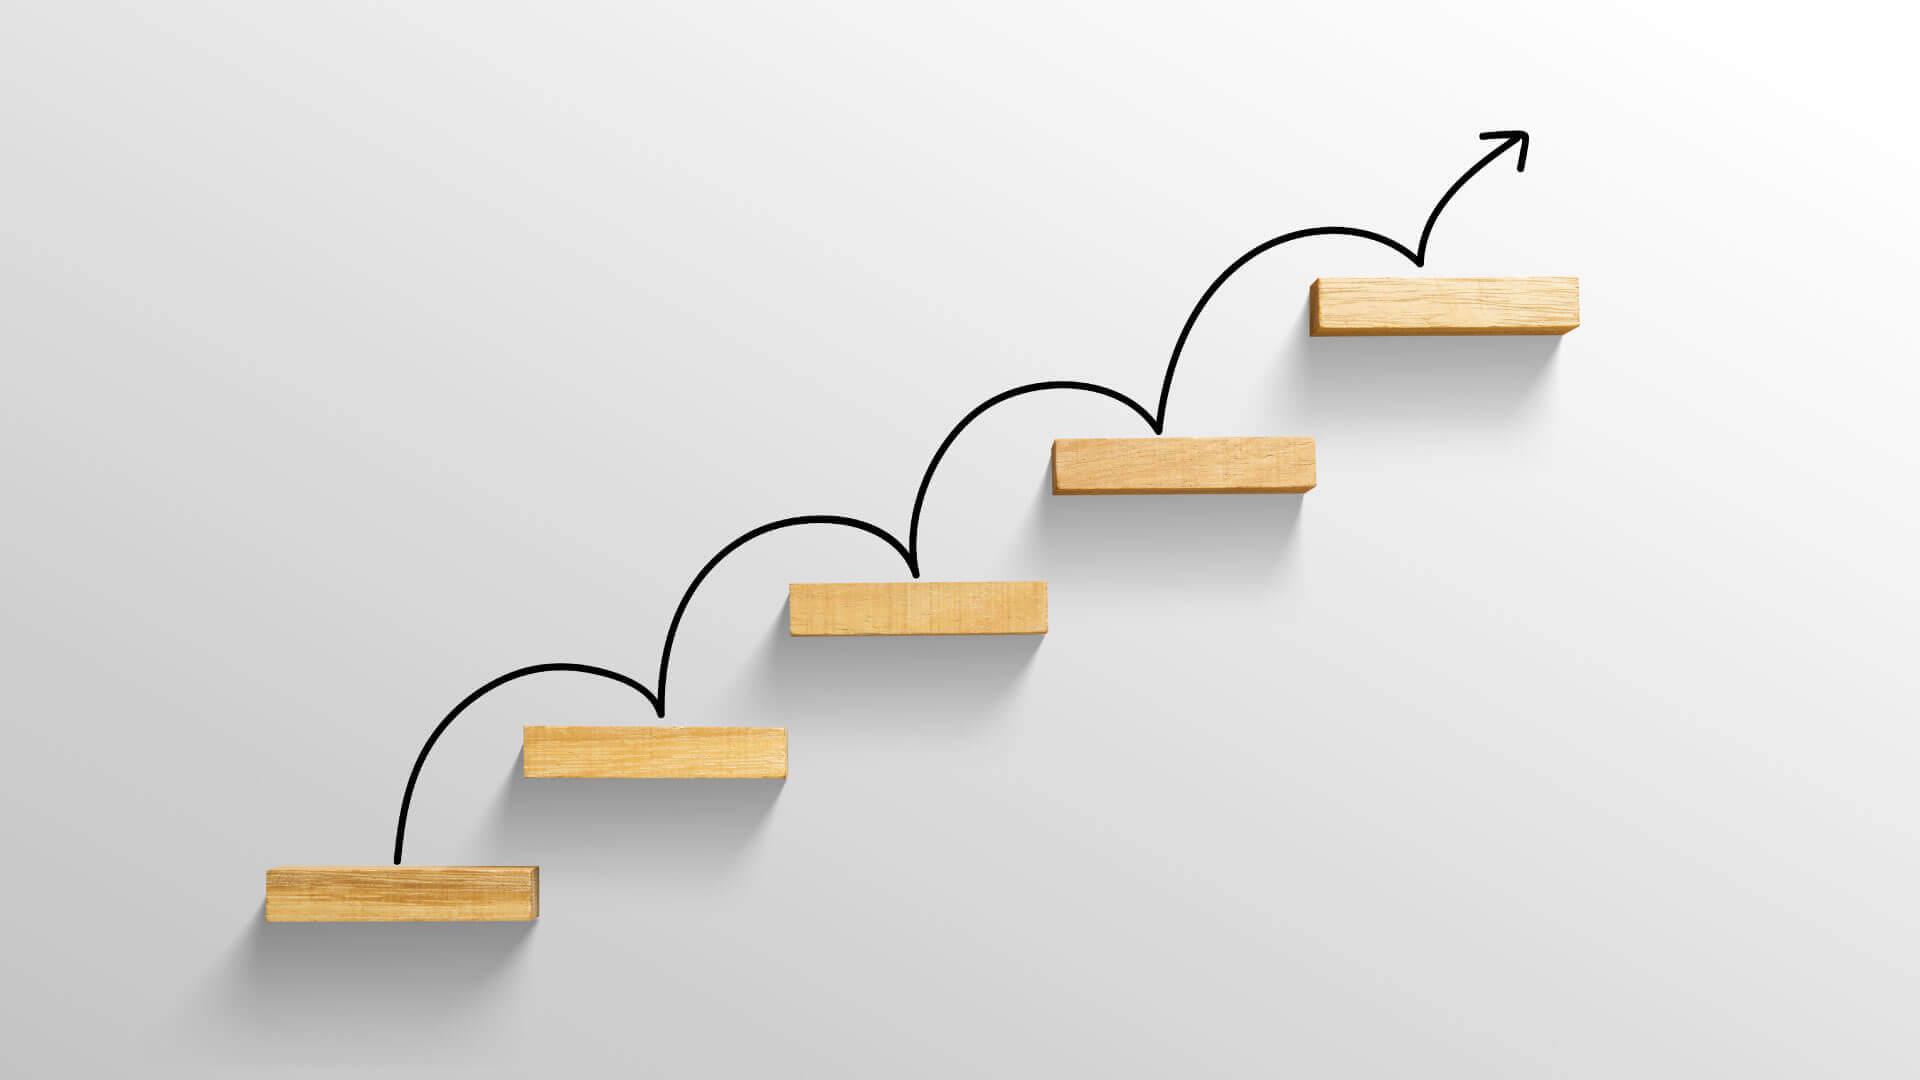 ¿Cómo revivir los leads y aumentar el crecimiento del negocio?